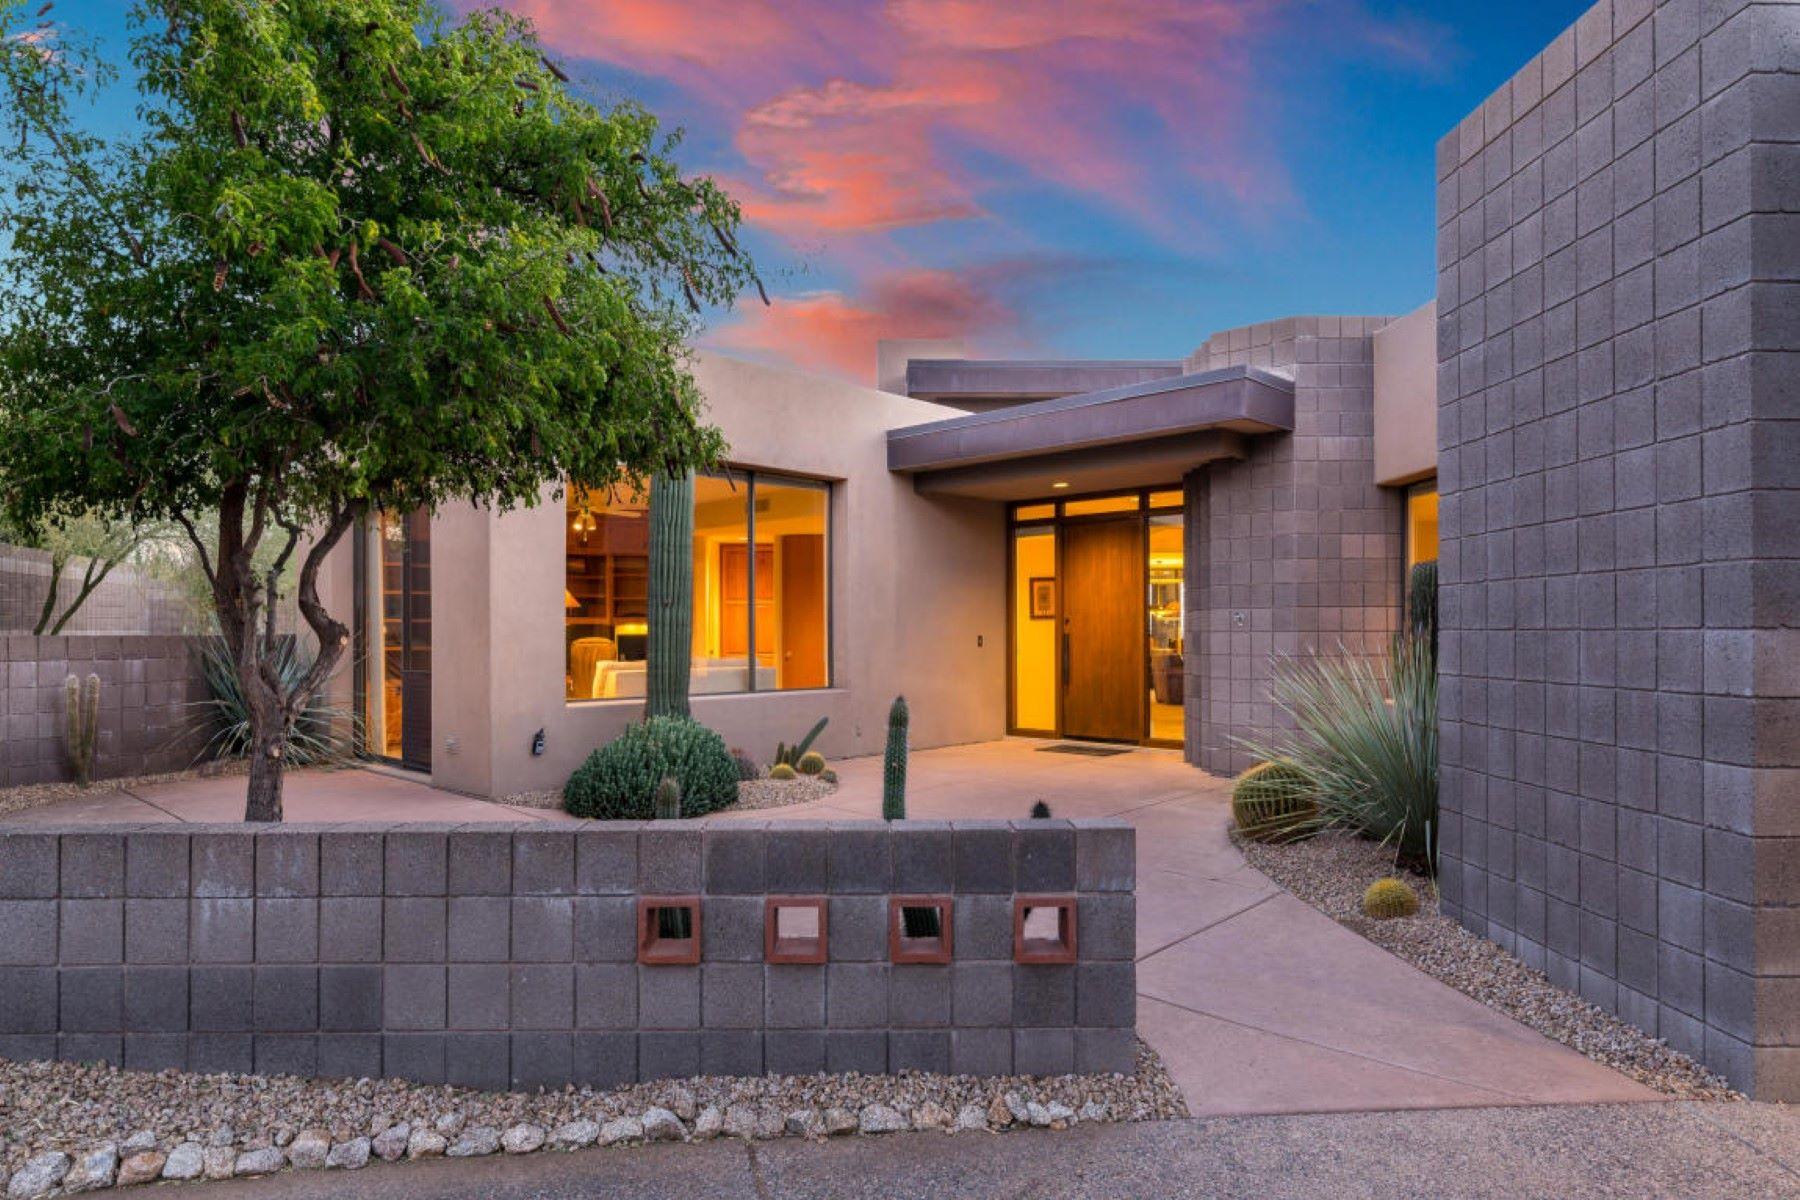 Maison unifamiliale pour l Vente à Marvelous Desert Contemporary with Views 39354 N 107th Way, Scottsdale, Arizona, 85262 États-Unis